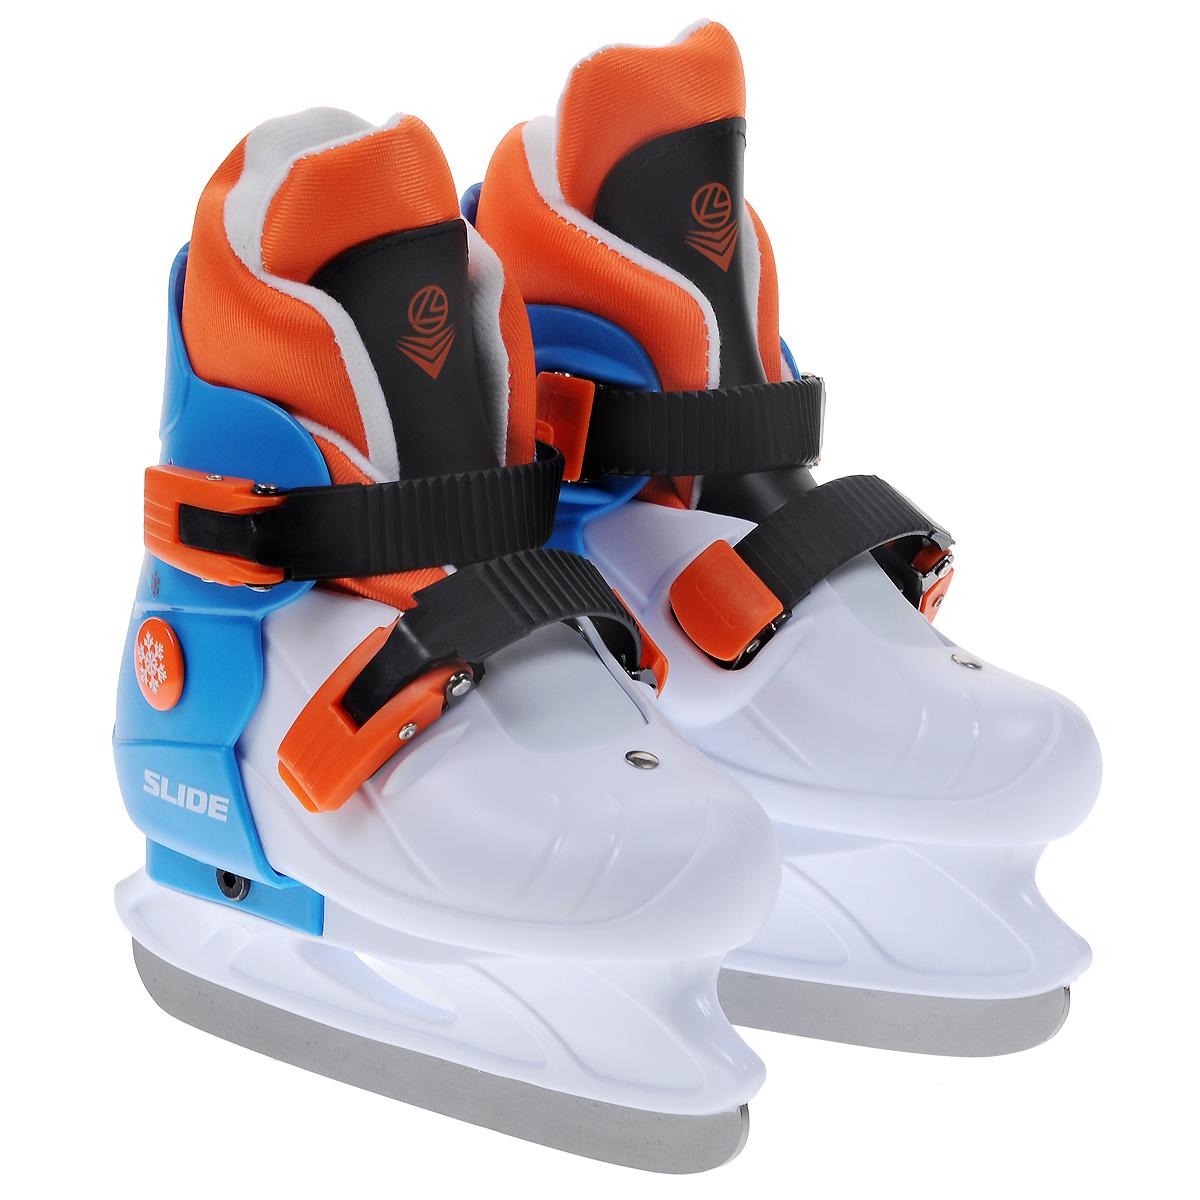 Коньки ледовые детские Larsen Slide, раздвижные, цвет: белый, голубой, оранжевый. Размер S (29/32)SlideДетские ледовые коньки Slide от Larsen отлично подойдут для начинающих обучаться катанию. Ботинки изготовлены из морозостойкого полипропилена, который защитит ноги от ударов. Пластиковые регулируемые бакли надежно фиксируют голеностоп. Внутренний сапожок выполнен из мягкого текстильного материала с поролоновой вставкой, который обеспечит тепло и комфорт во время катания.Лезвие выполнено из нержавеющей стали.Особенностью коньков является раздвижная конструкция, которая позволяет увеличивать размер ботинка по мере роста ноги ребенка. У сапожка пяточная часть крепится при помощи липучек, что также позволит увеличить размер.Температура использования: до -20°С.